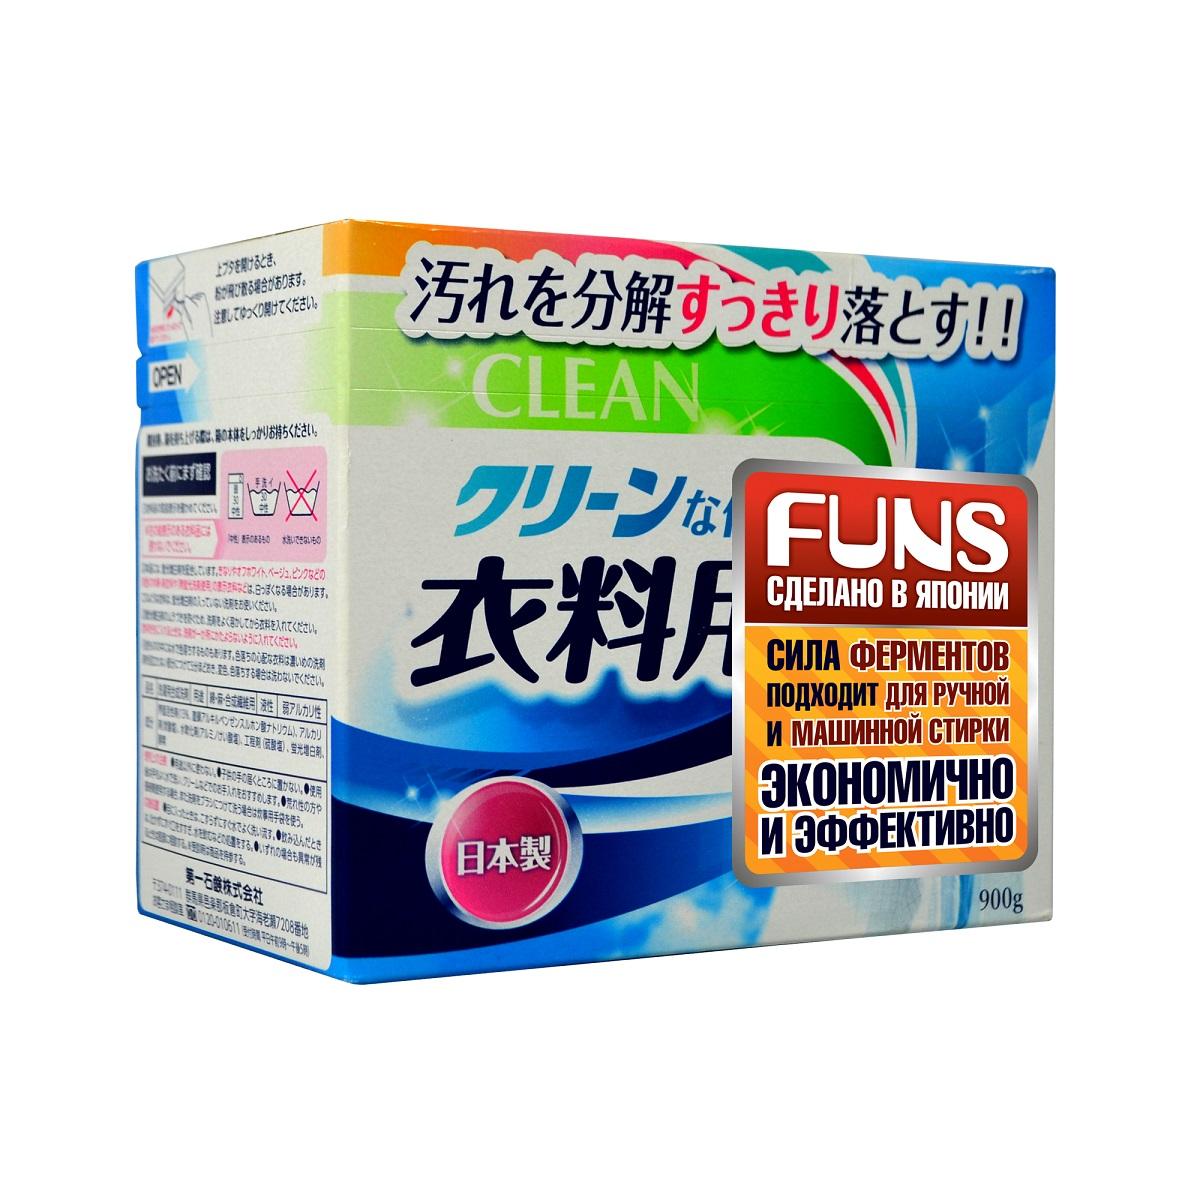 FUNS Clean Порошок стиральный с ферментом яичного белка для полного устранения пятен 900 г531-321Стиральный порошок Funs Clean очищает, с помощью фермента яичного белка проникает вглубь волокон, устраняя даже застарелые пятна. Обладает нежным цветочным ароматом. Особенно эффективно очищает воротники и манжеты рубашек. Подходит как для ручной, так и машинной стирки. Настоящее японское качество для ваших вещей. Состав: ПАВ (13%, натрия линейный алкилбензолсульфокислота), щелочной агент (карбонат), алюмосиликат (для смягчения воды), сульфаты, смягчитель, флуоресцентный отбеливающий агент, ферменты.Товар сертифицирован.